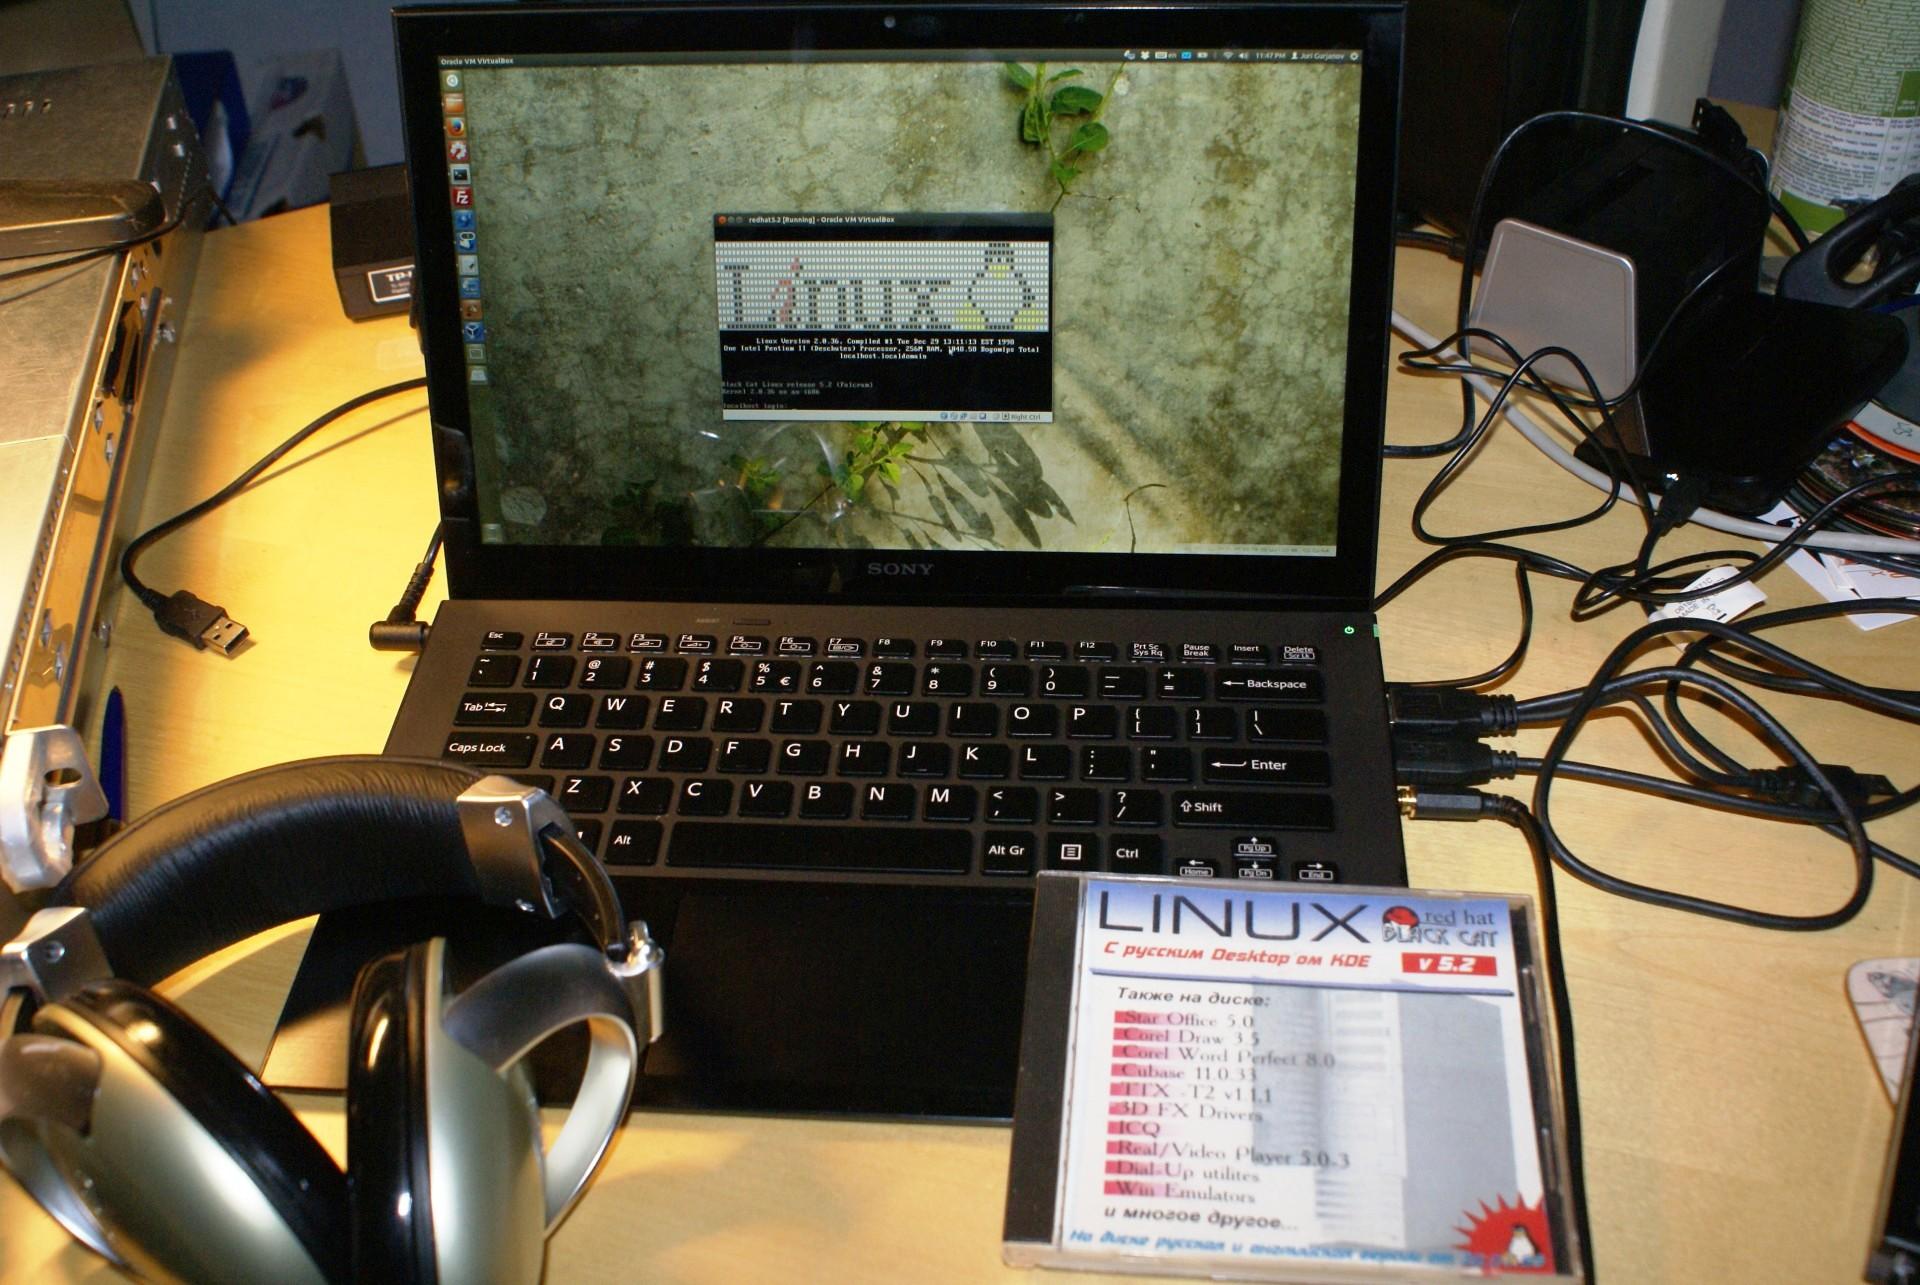 Как в Red Hat Linux работать с командной оболочкой shell с помощью клавиатуры и мыши